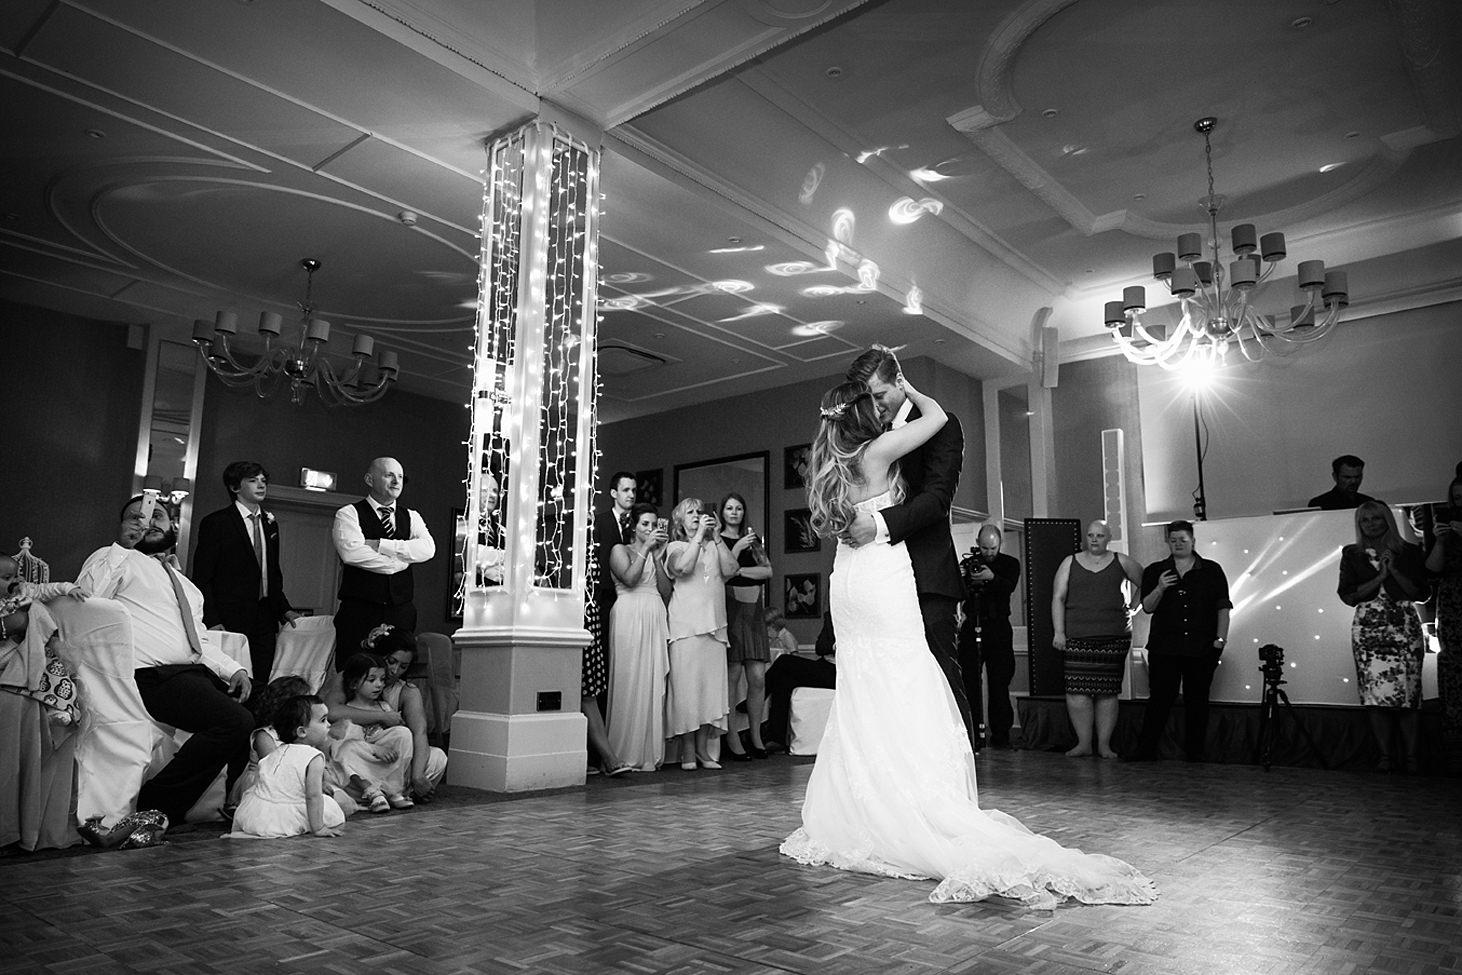 richmond hill wedding photography first dance